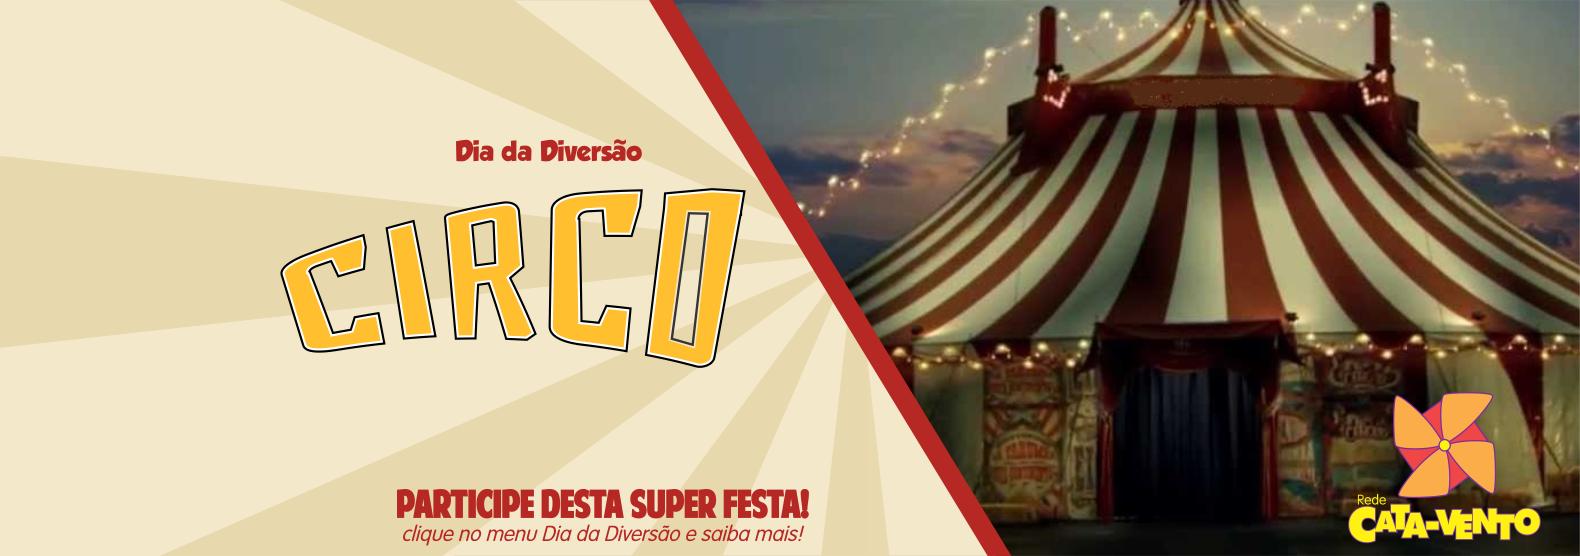 Banner Site - Circo